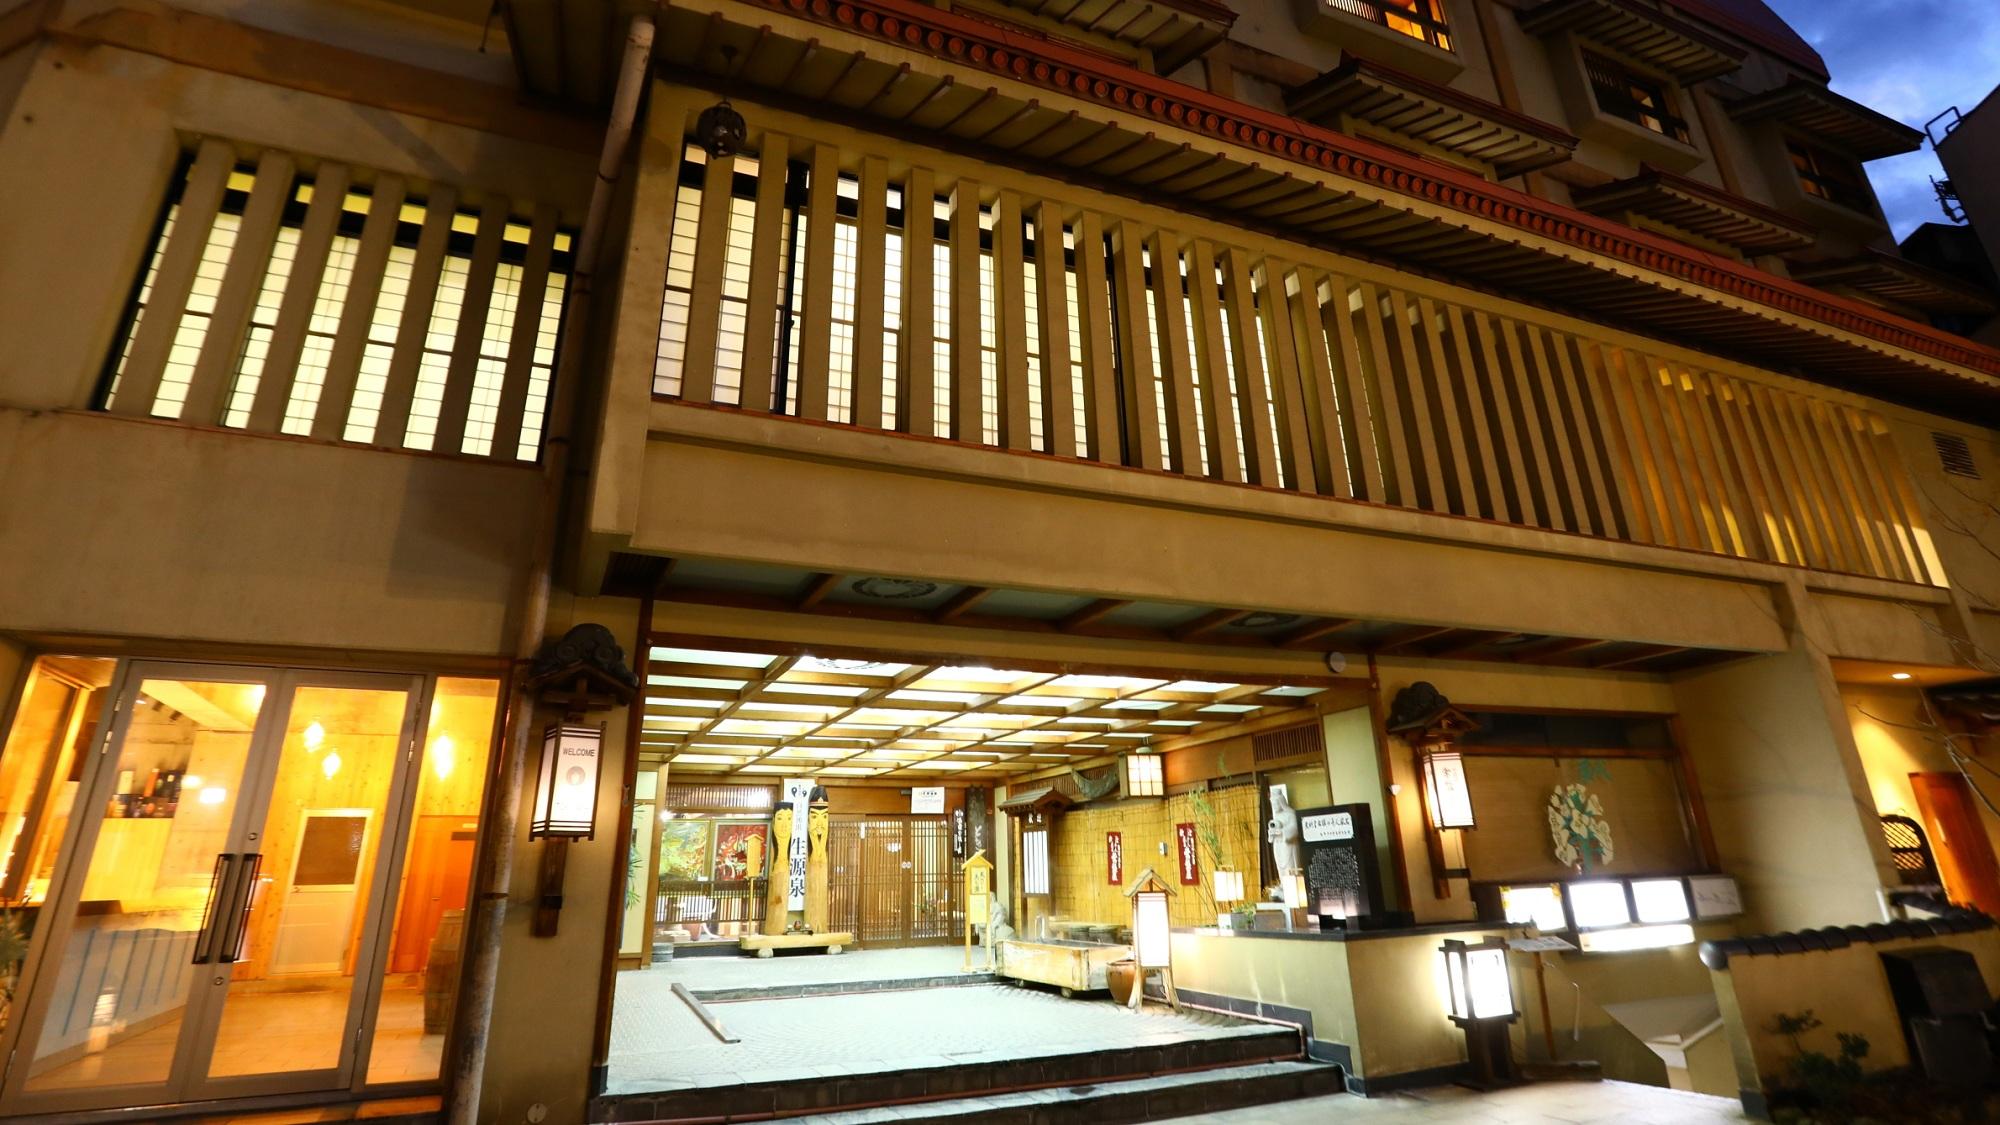 野沢温泉で女子旅!インスタ映えするレトロな温泉宿は?